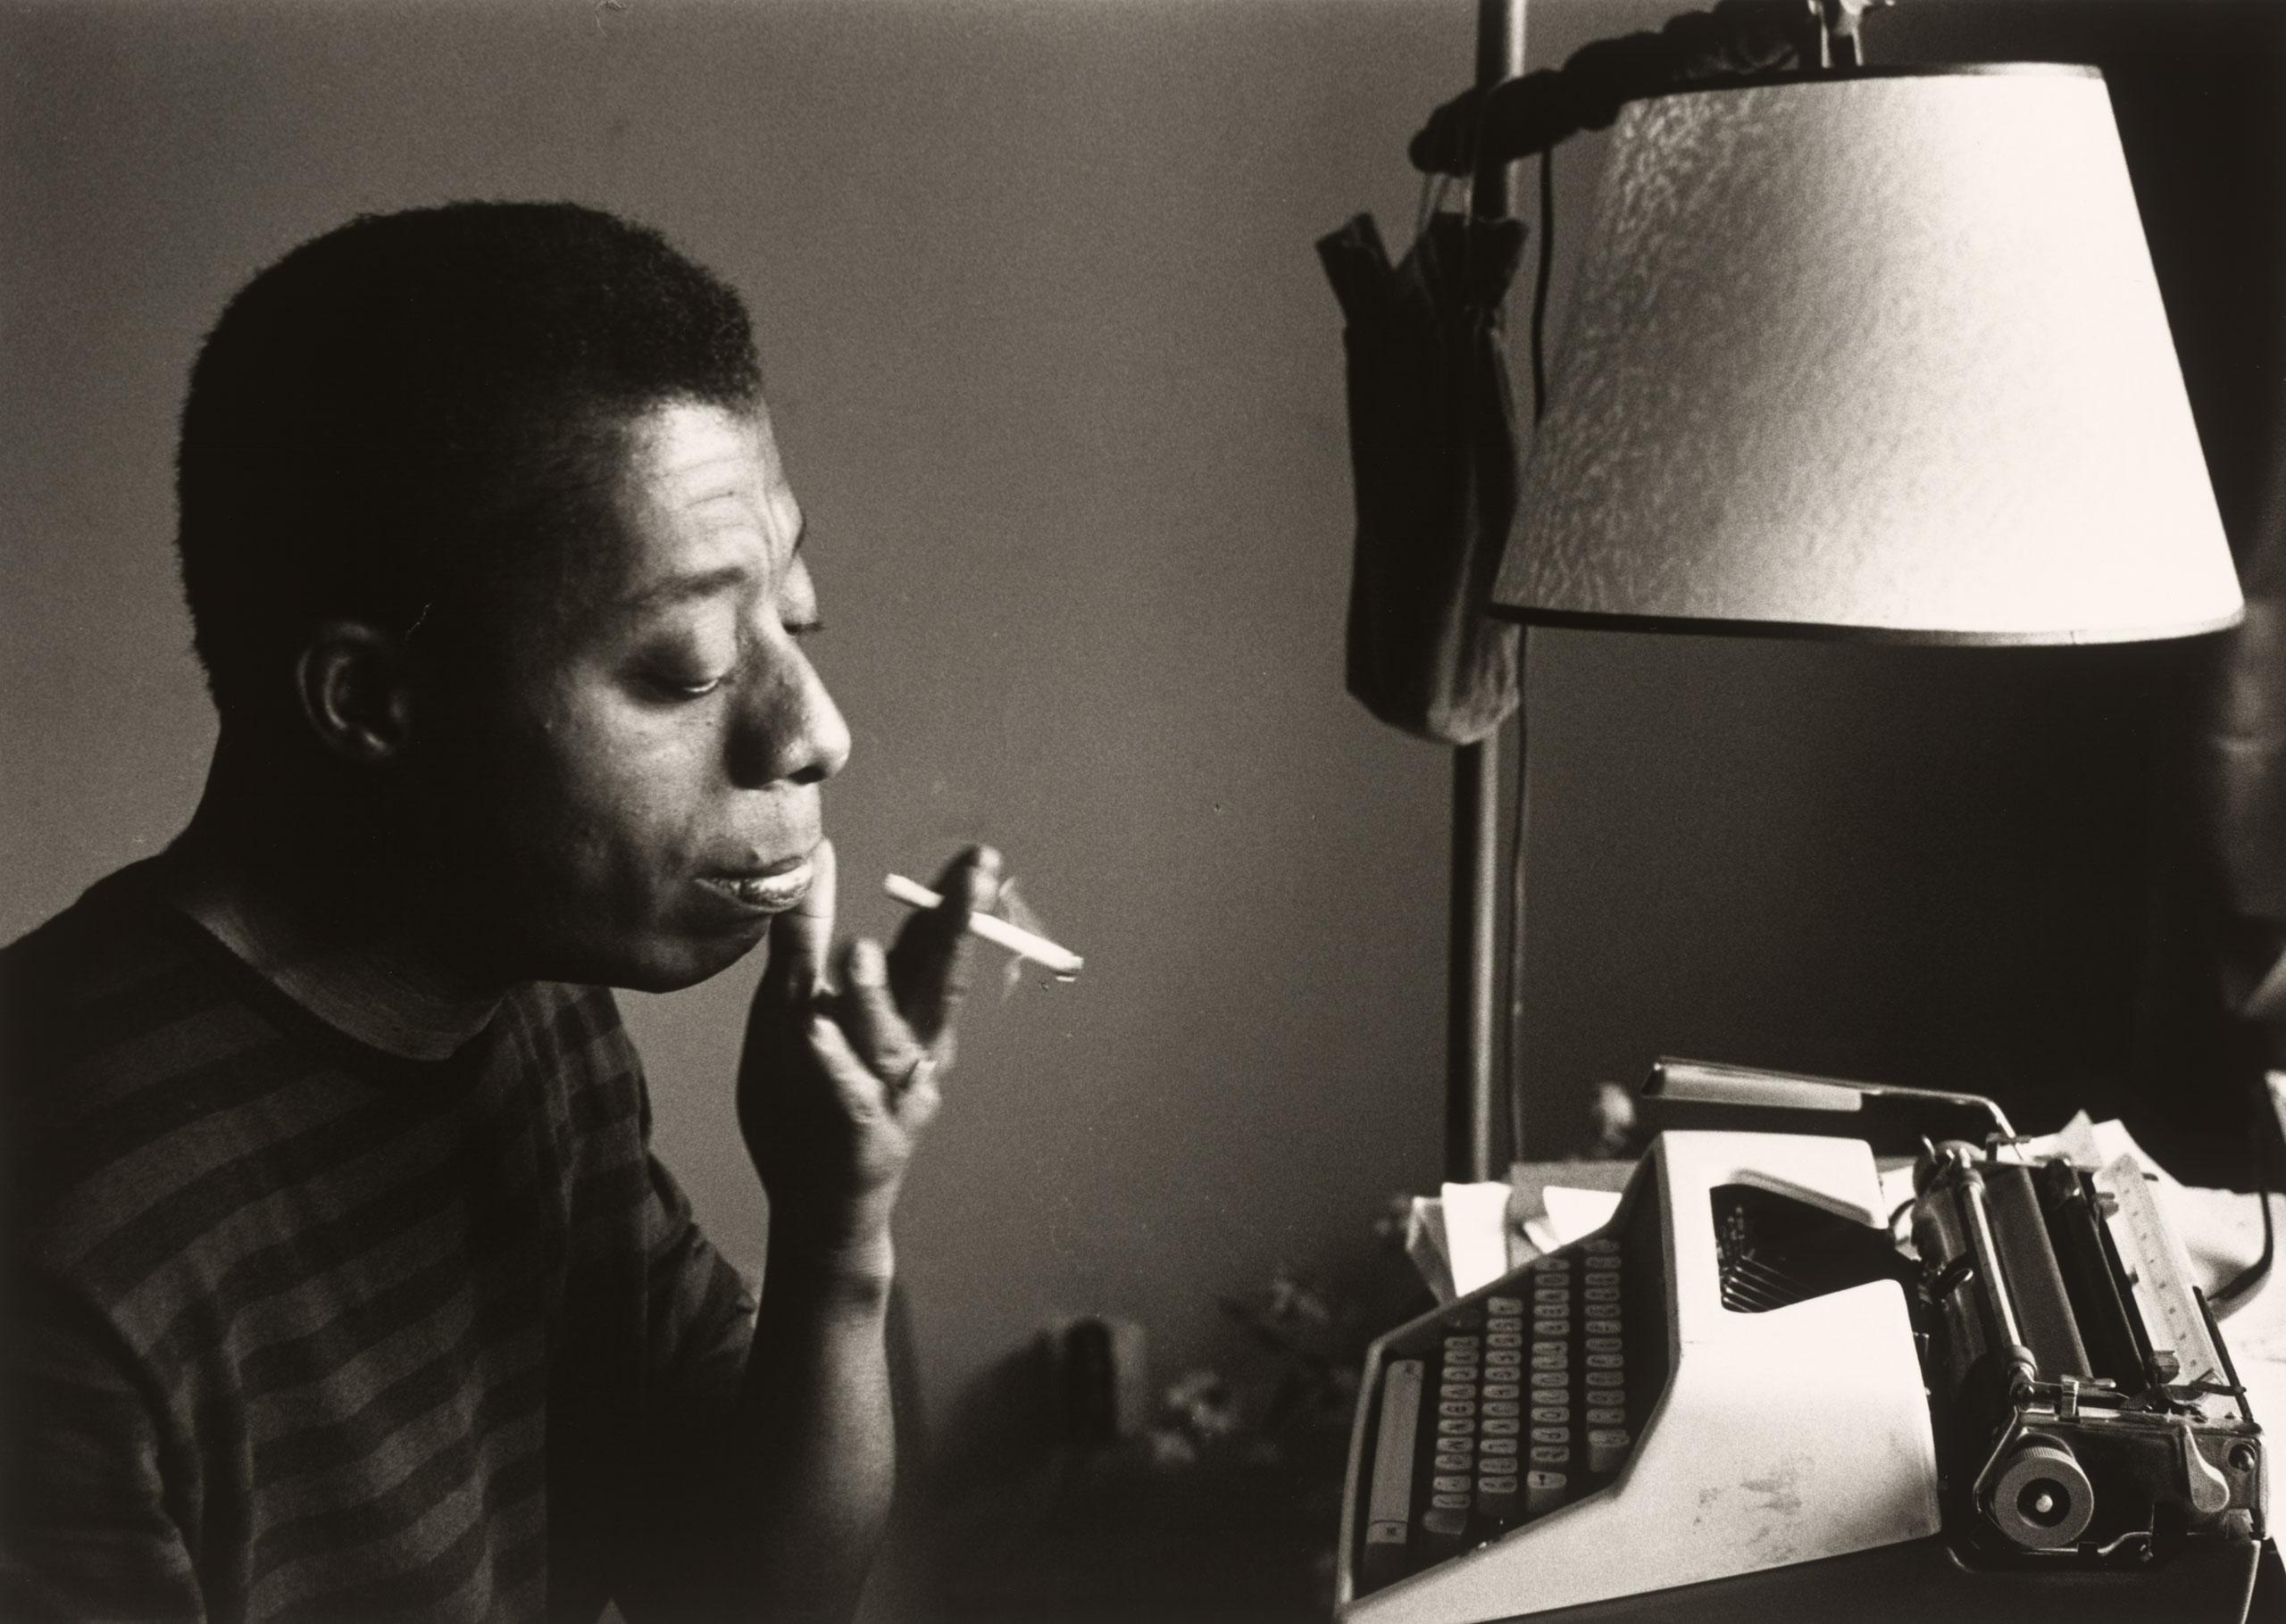 James Baldwin by his typewriter, Istanbul 1966.